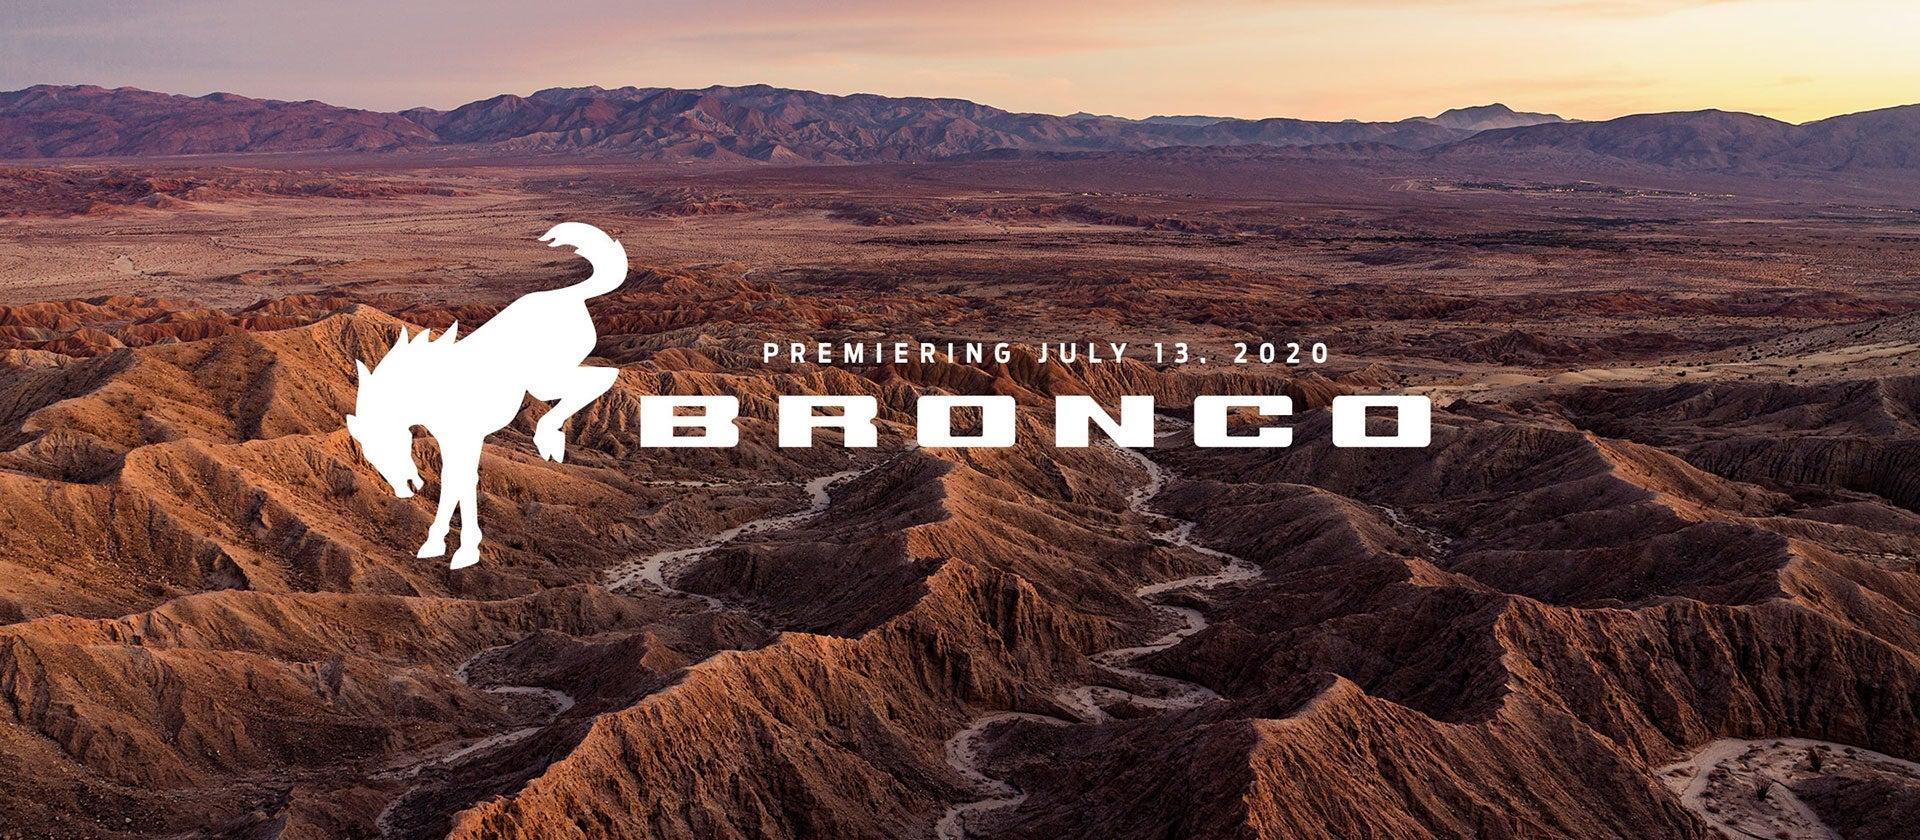 Premiering July 13, 2020